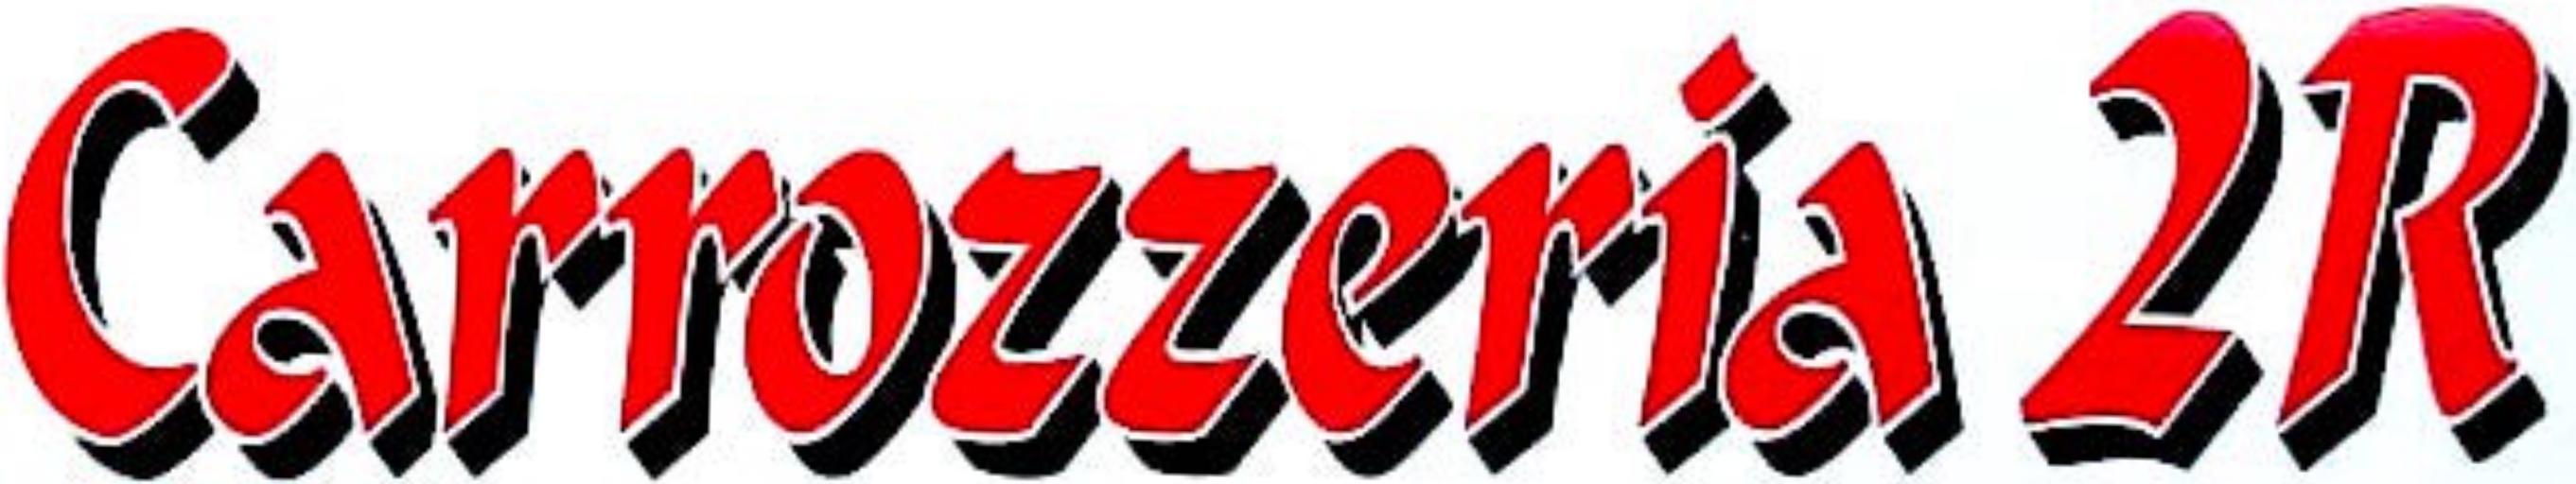 Carrozzeria 2R – Carrozzeria a Torino – Rivalta di torino